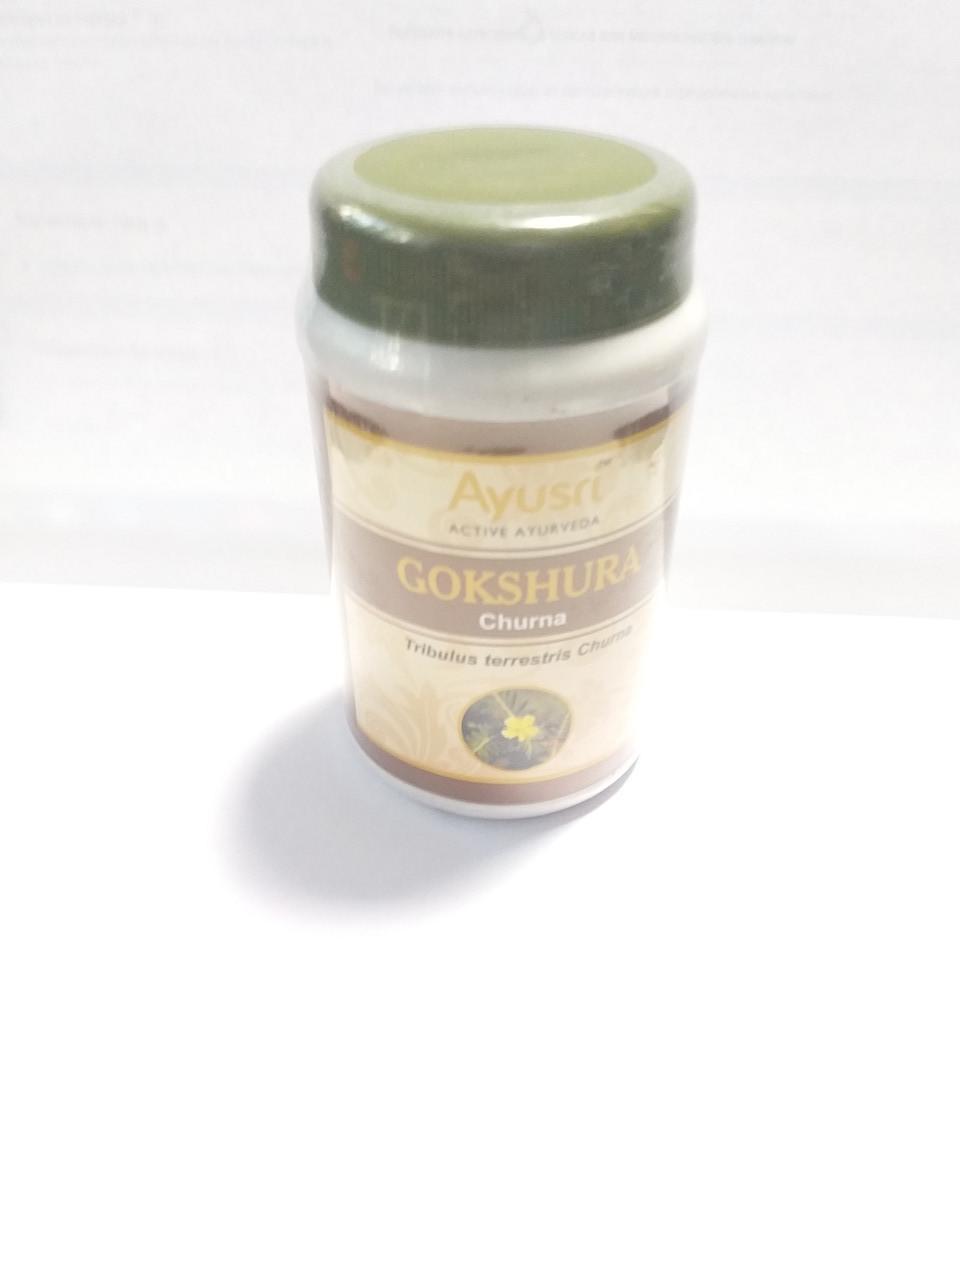 Гокшура чурна, 100 гр, Ayusri, любые болезни в мочеполовой сфере